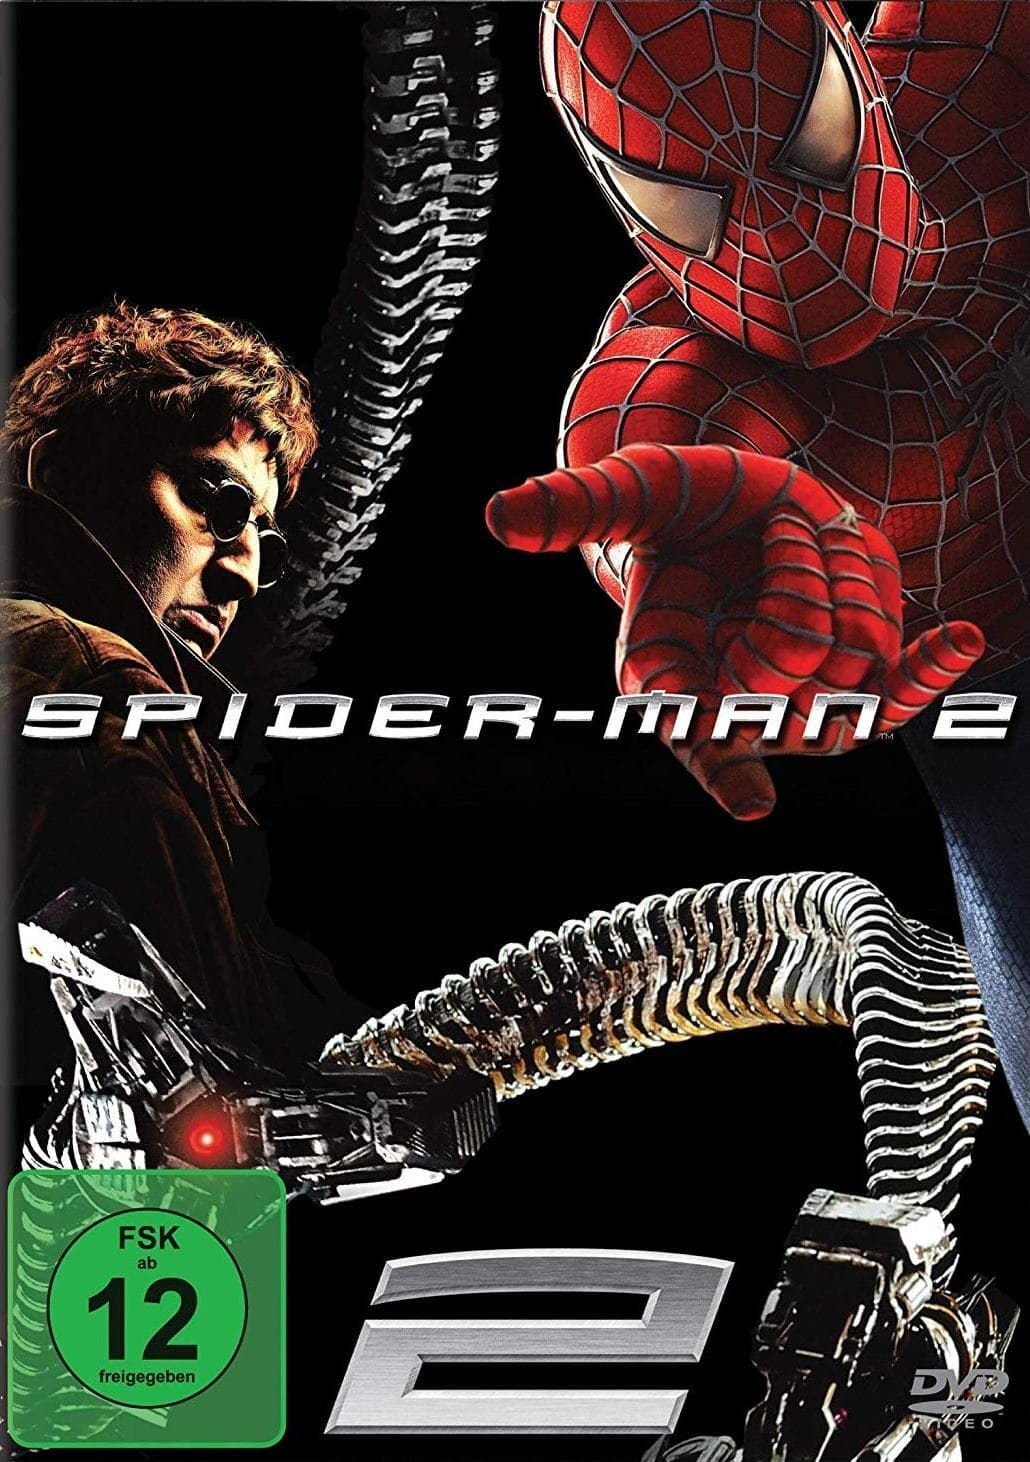 Spider-Man 2 (2004) Ganzer Film Deutsch